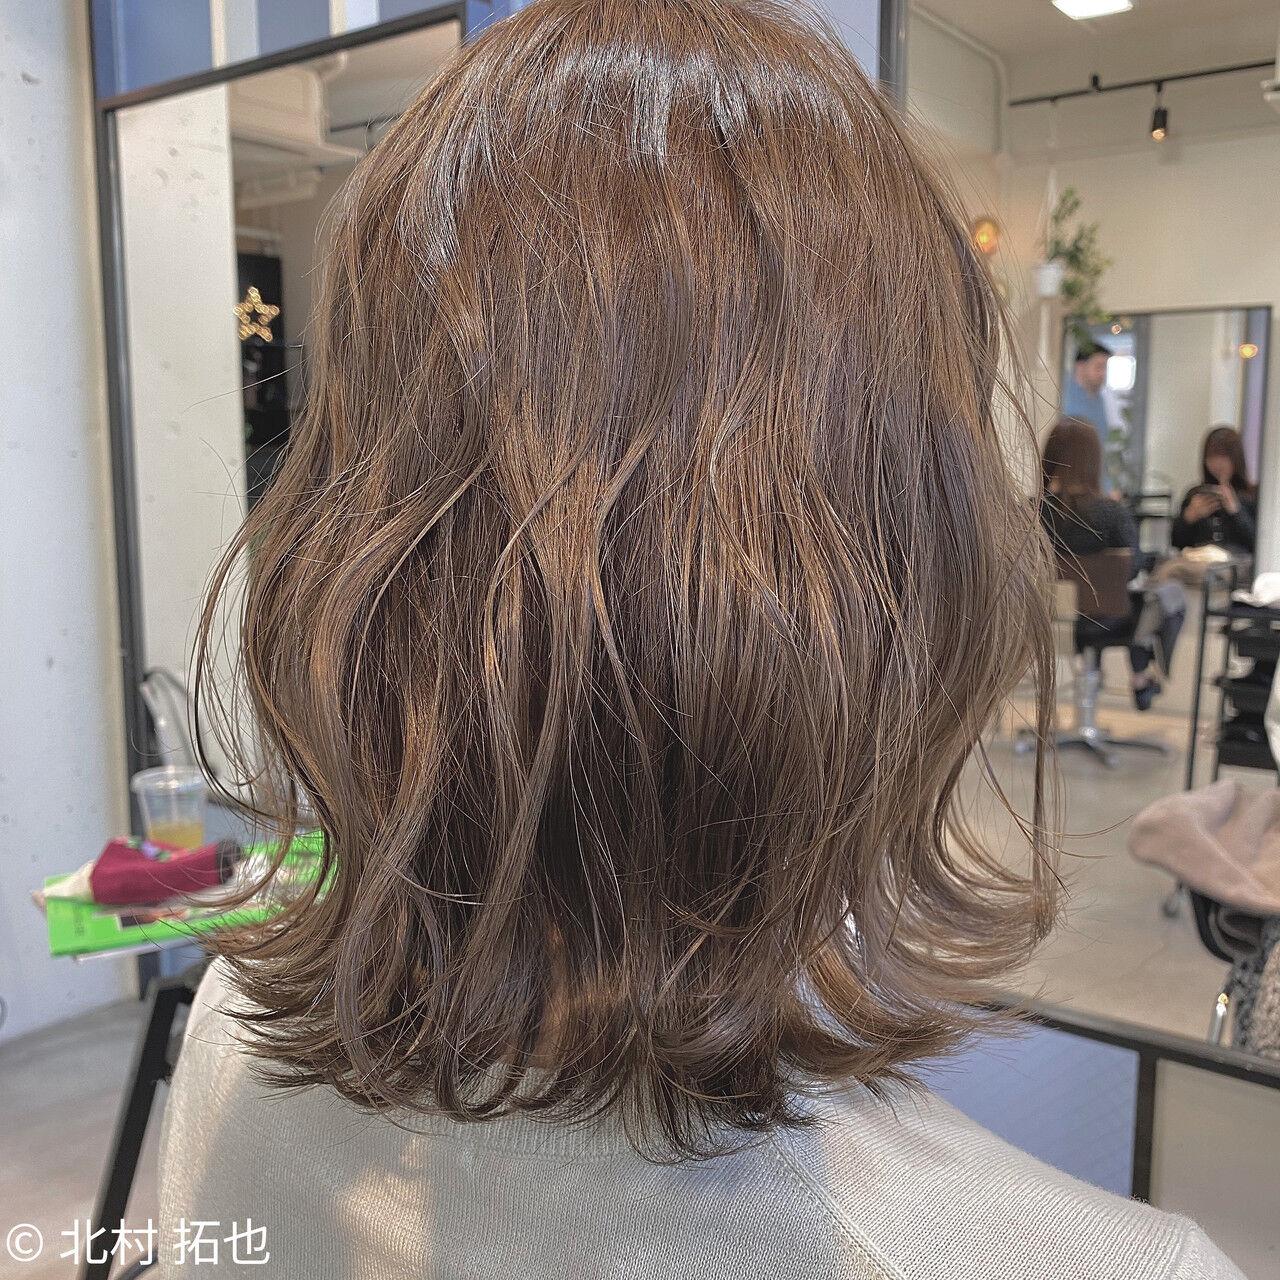 シアーベージュ ミルクティーグレージュ ナチュラル 外ハネボブヘアスタイルや髪型の写真・画像